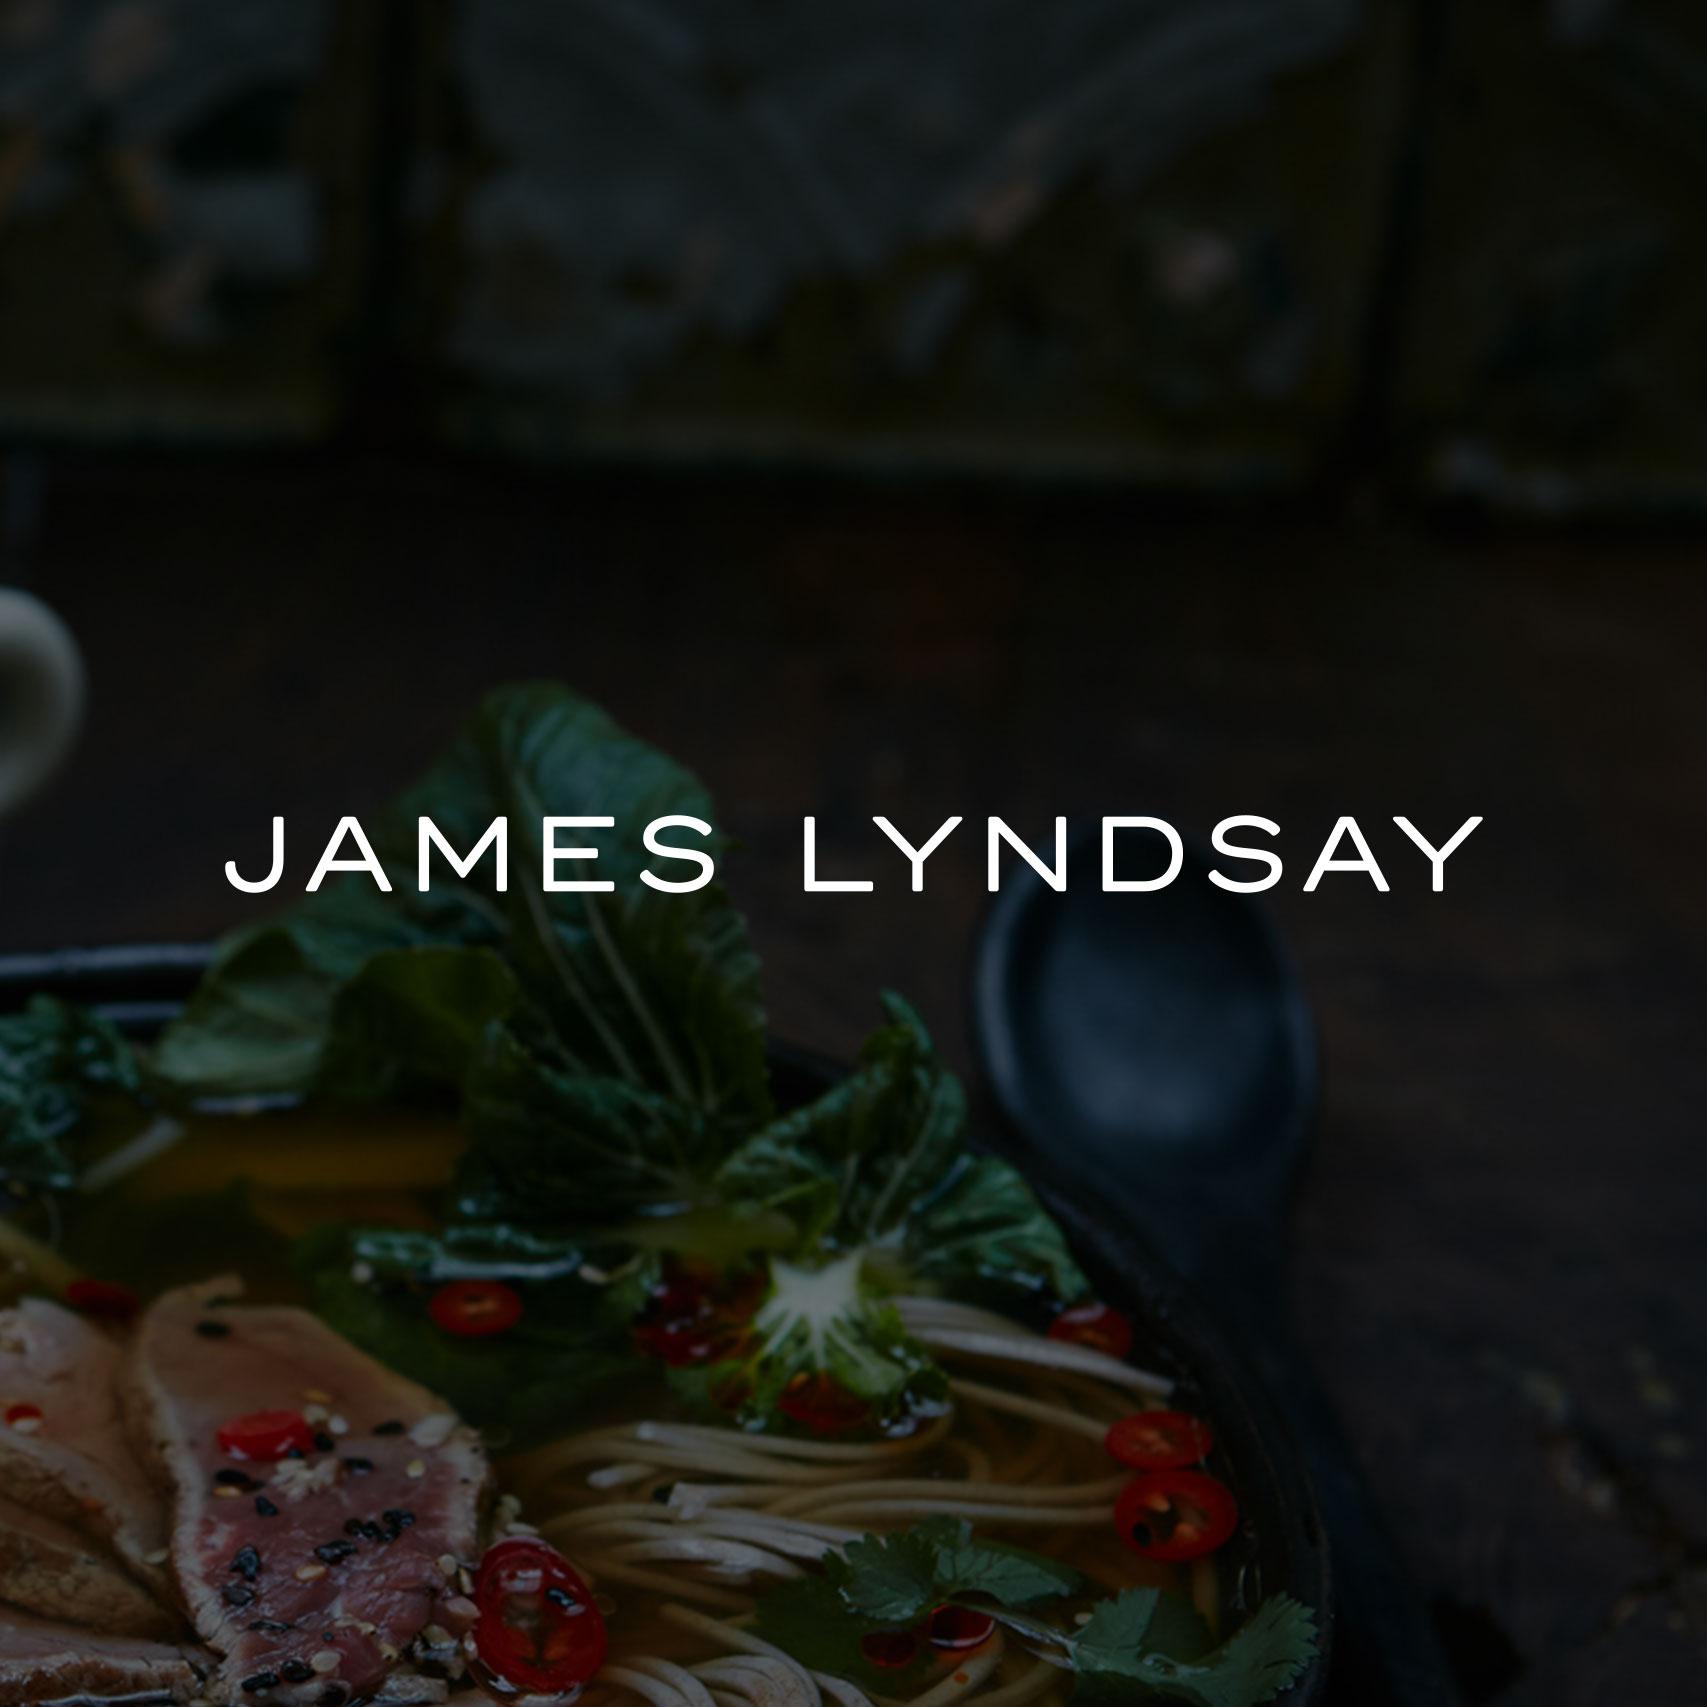 Modern logo design for James Lyndsay